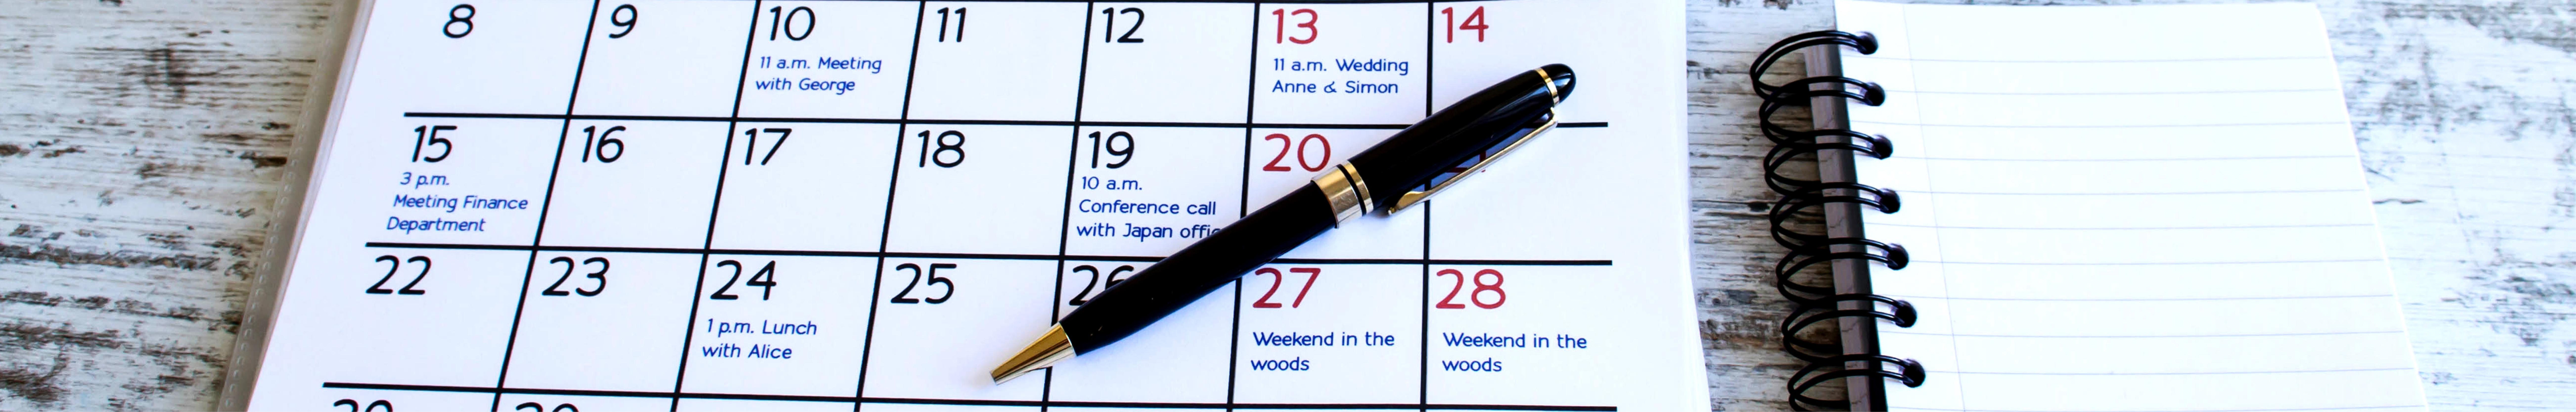 Torah Portion Calendar 2021-2022 Calendar | Union for Reform Judaism